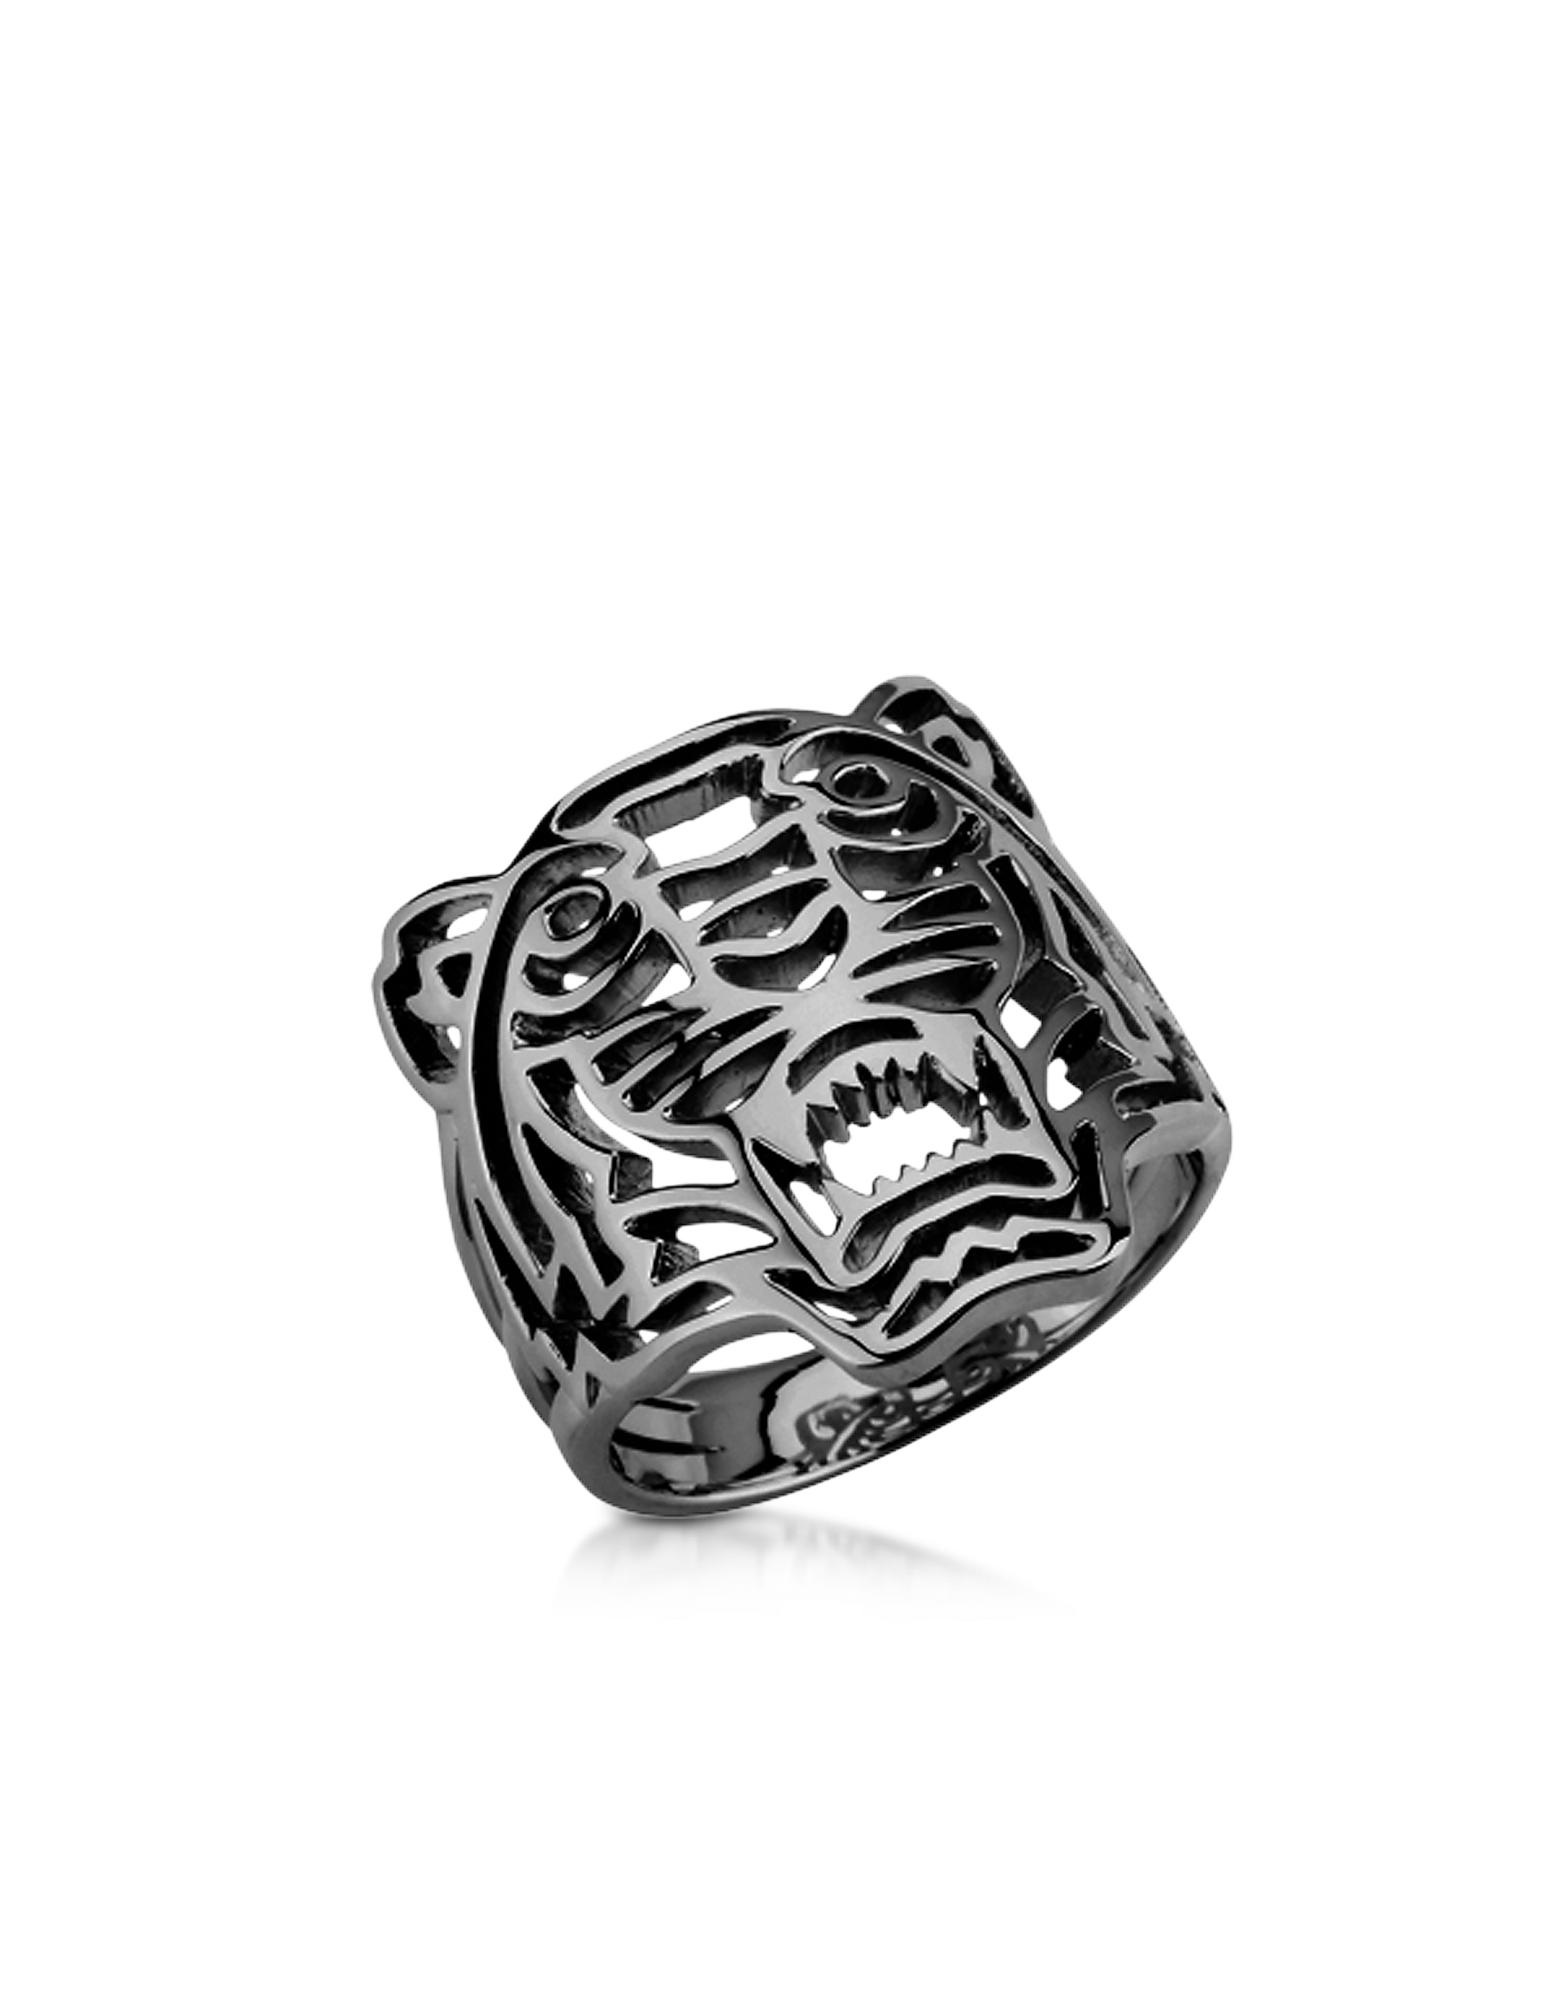 Кольцо из Стерлингового Серебра с Рутениевым Покрытием и Маленьким Тигром-Аппликацией